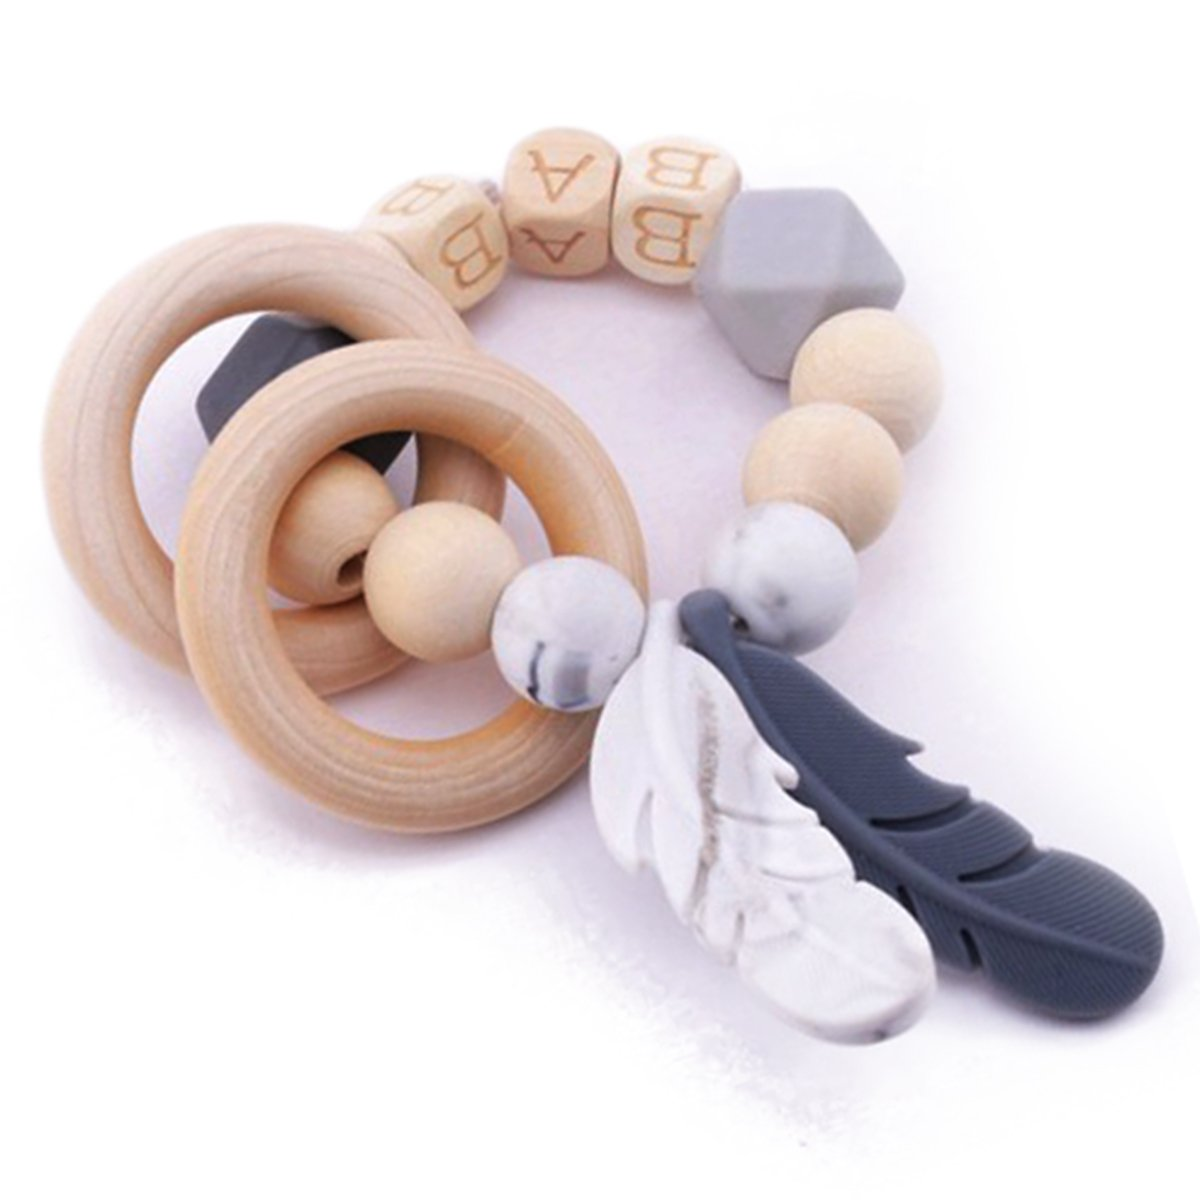 baby tete Baby Holz Beißring Häkeln Perlen Pflegearmband Ring Lebensmittelqualität Materialien Sensorisches Greifen von Spielzeug Montessori Spielzeug